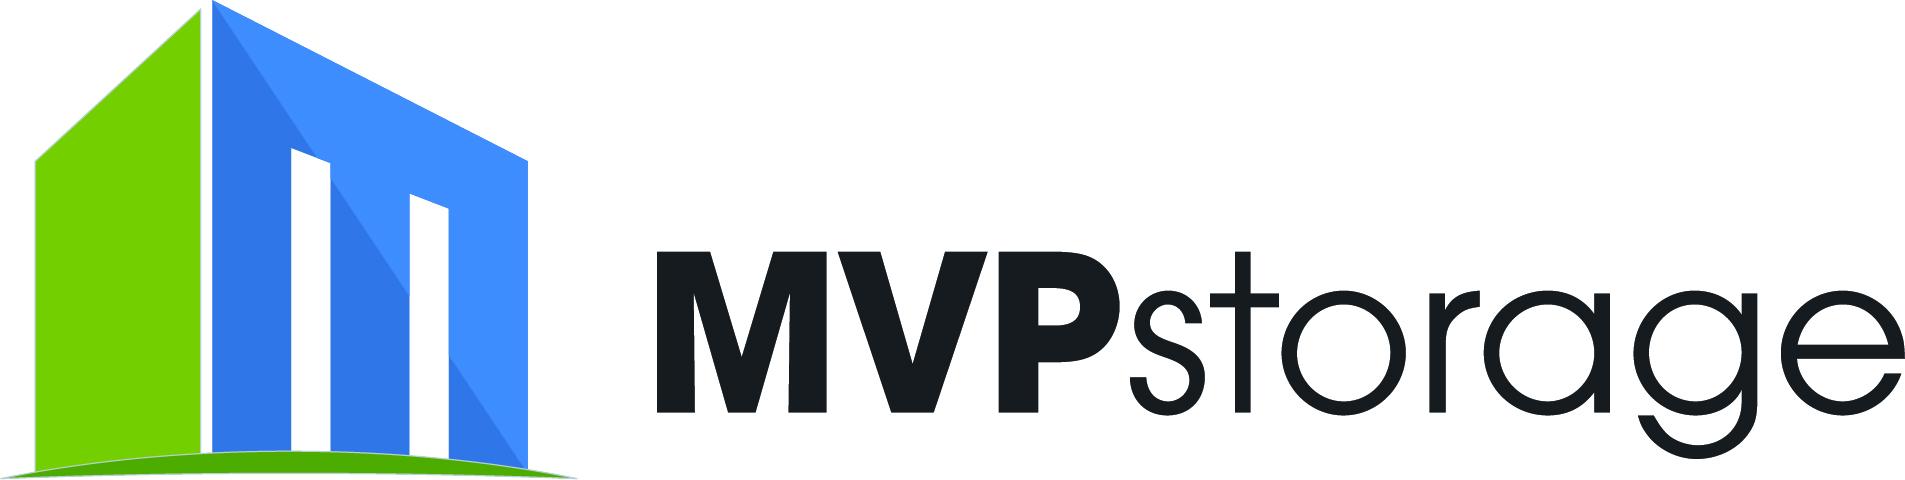 MVPstorage Logo .jpg